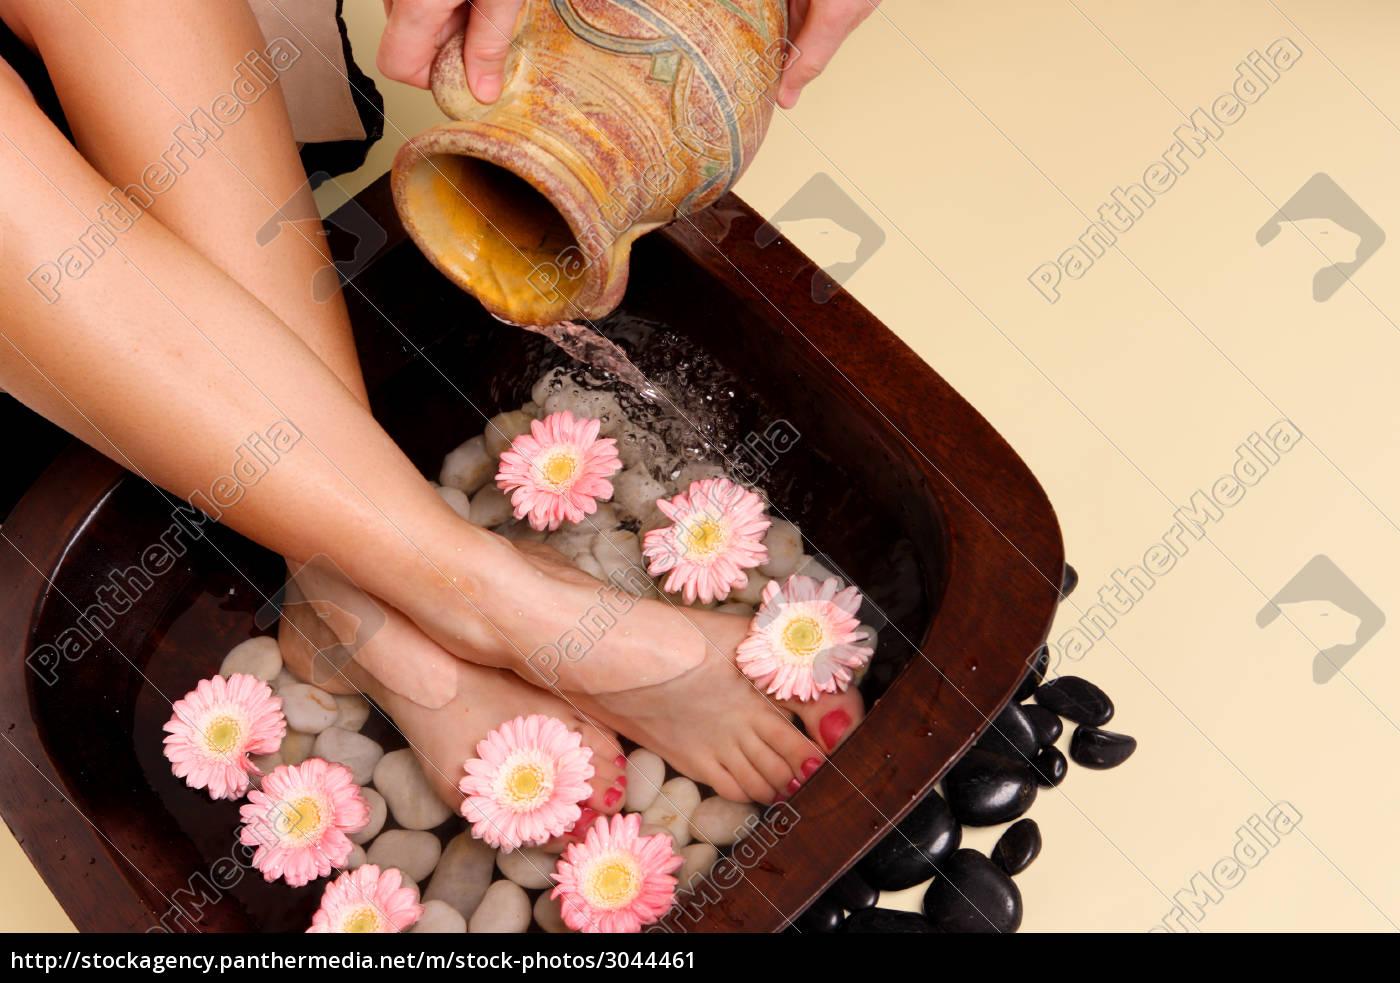 pampered, feet, pedispa - 3044461